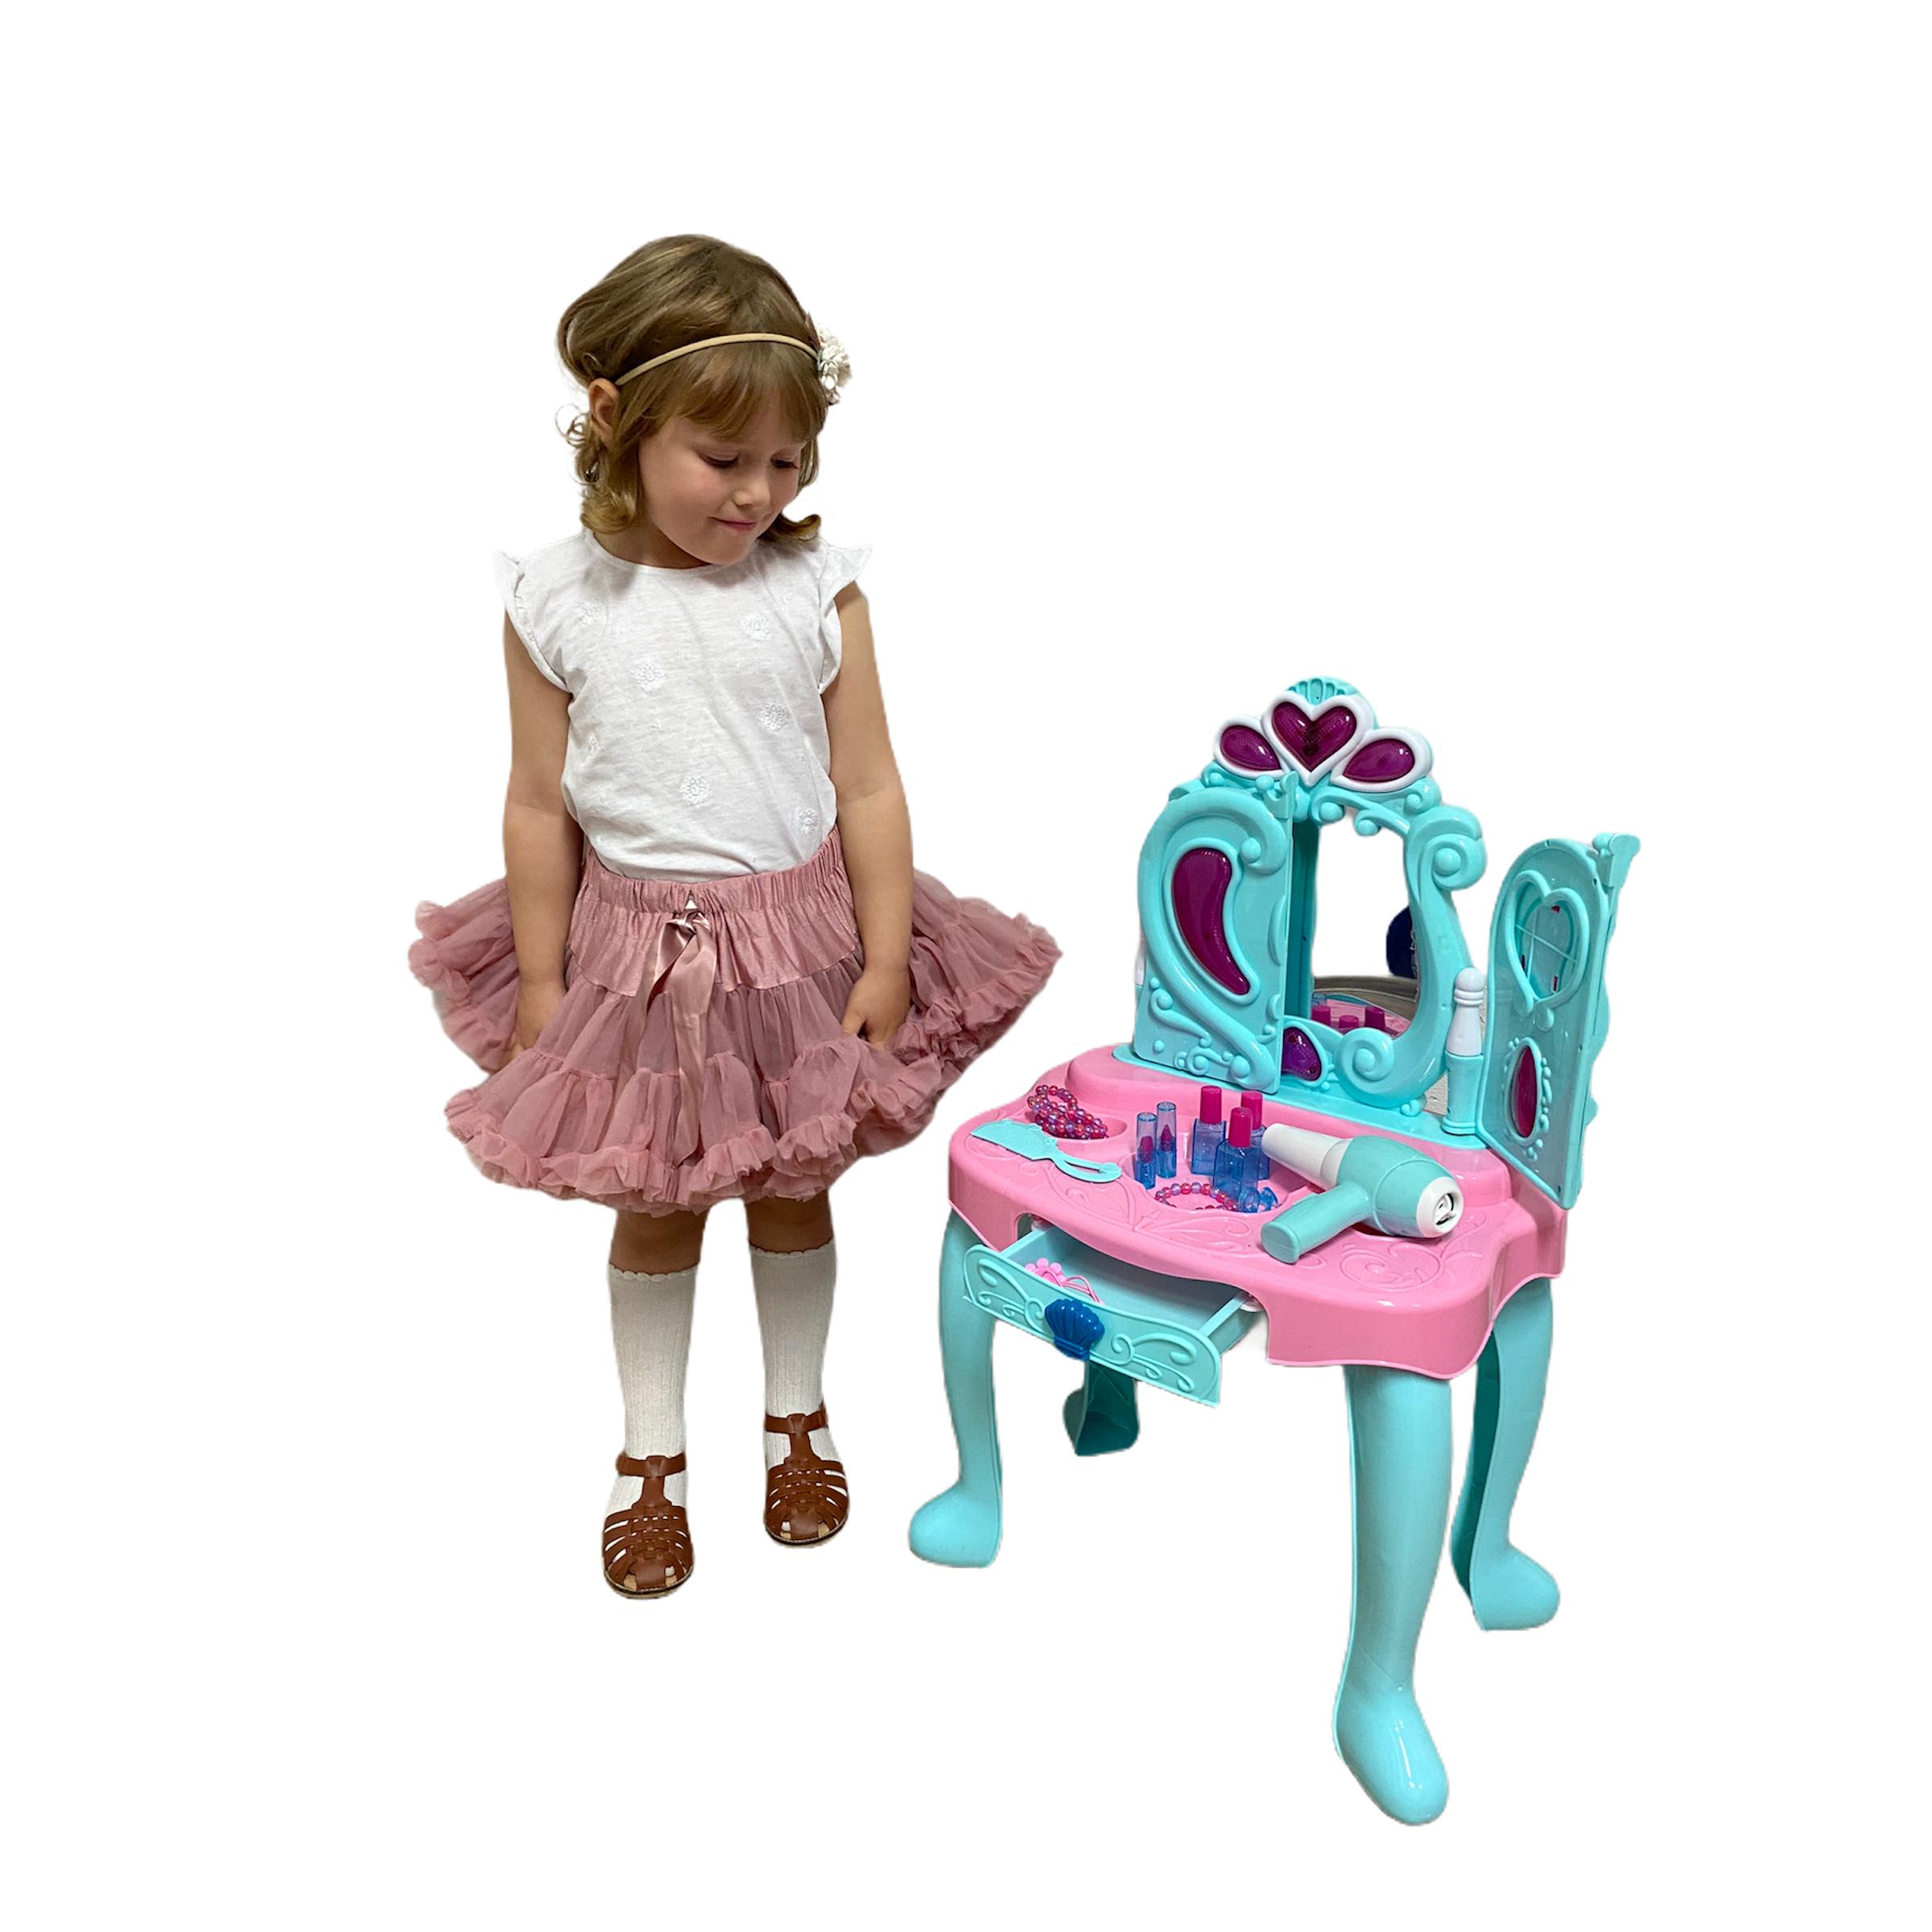 Toaletka dla dziewczynki jak z Krainy lodu i akcesoria